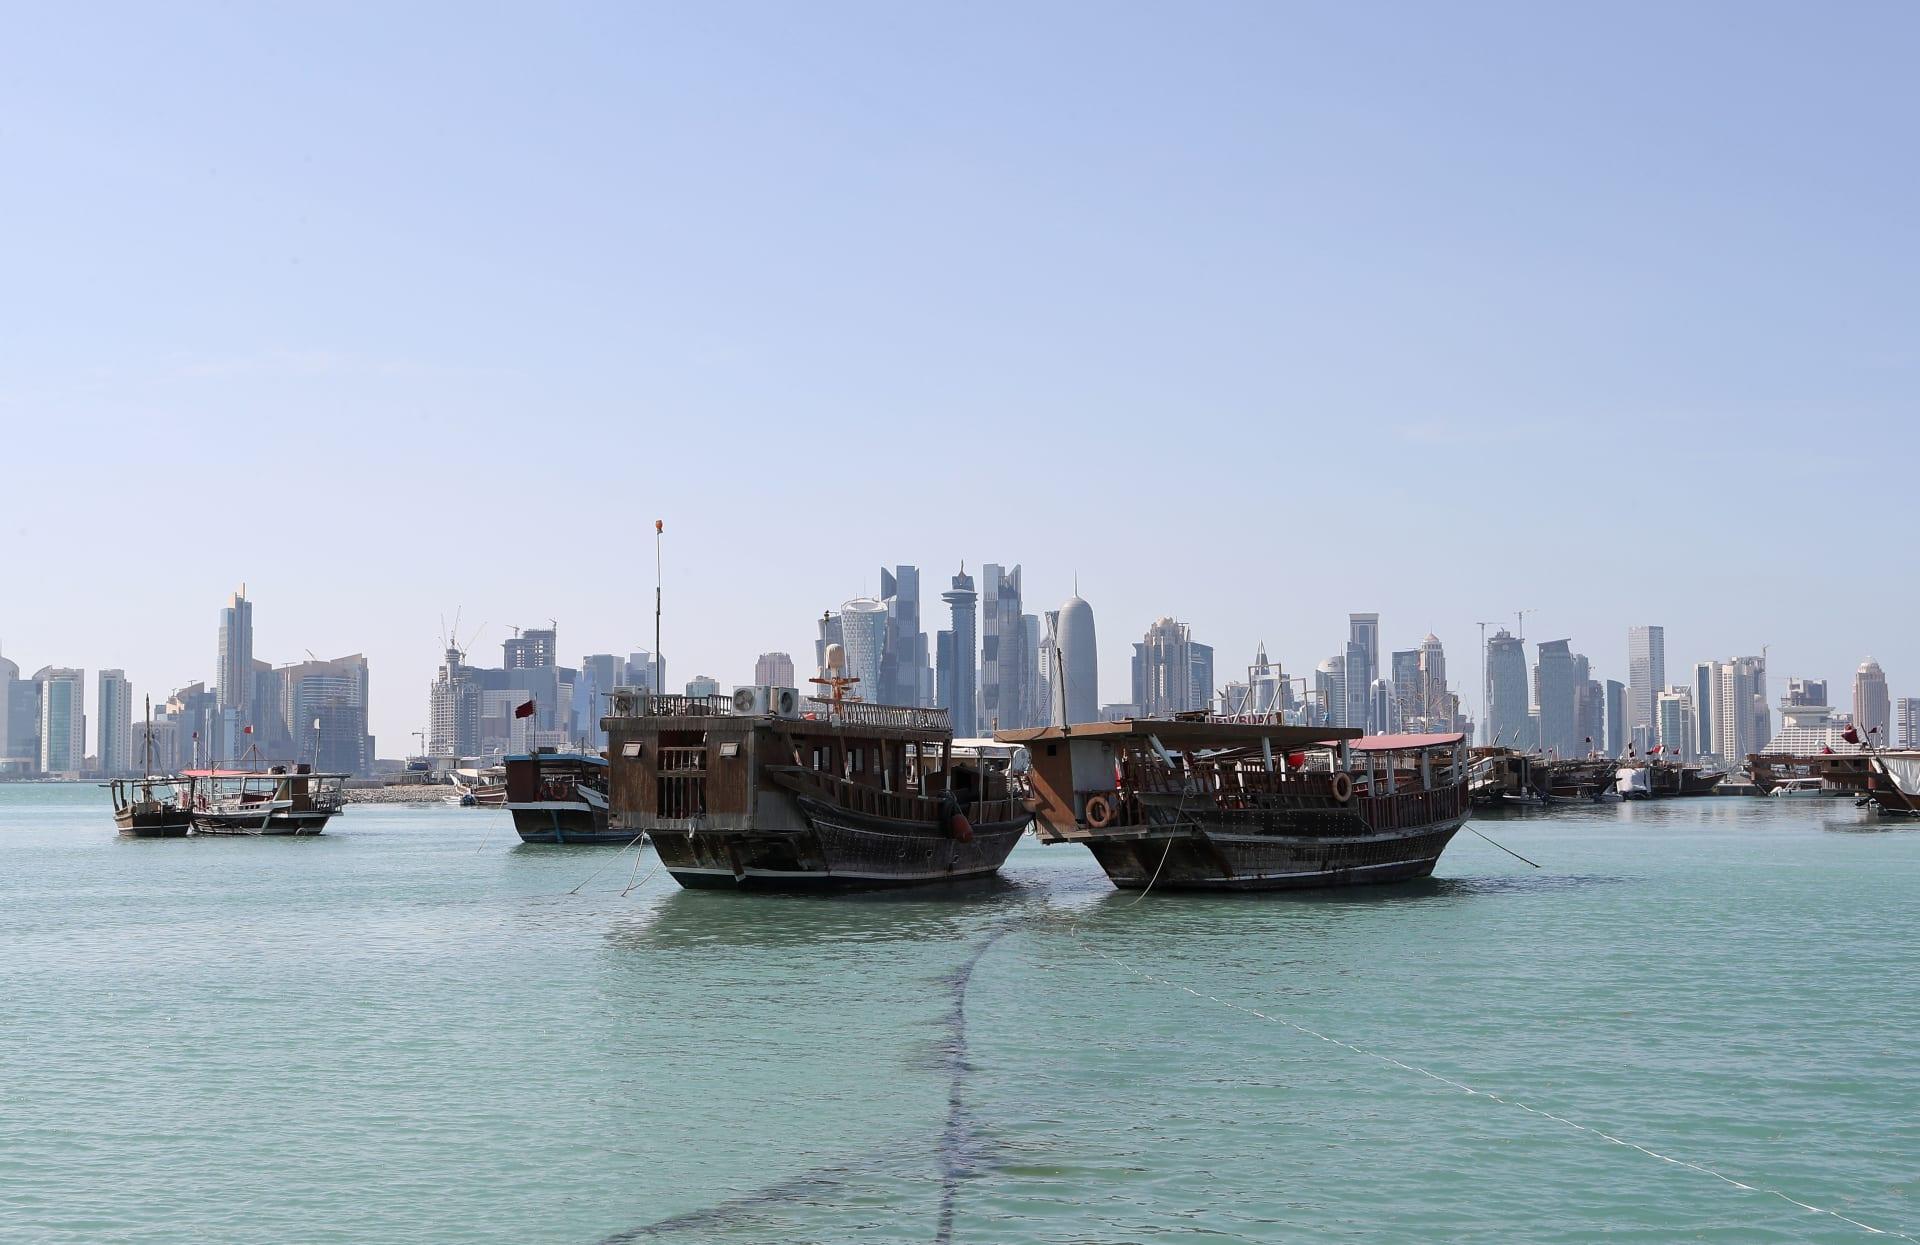 البحرين تدعو مواطنيها بقطر لاستخدام الجوازات وتشير لحقوق بالبر الشمالي